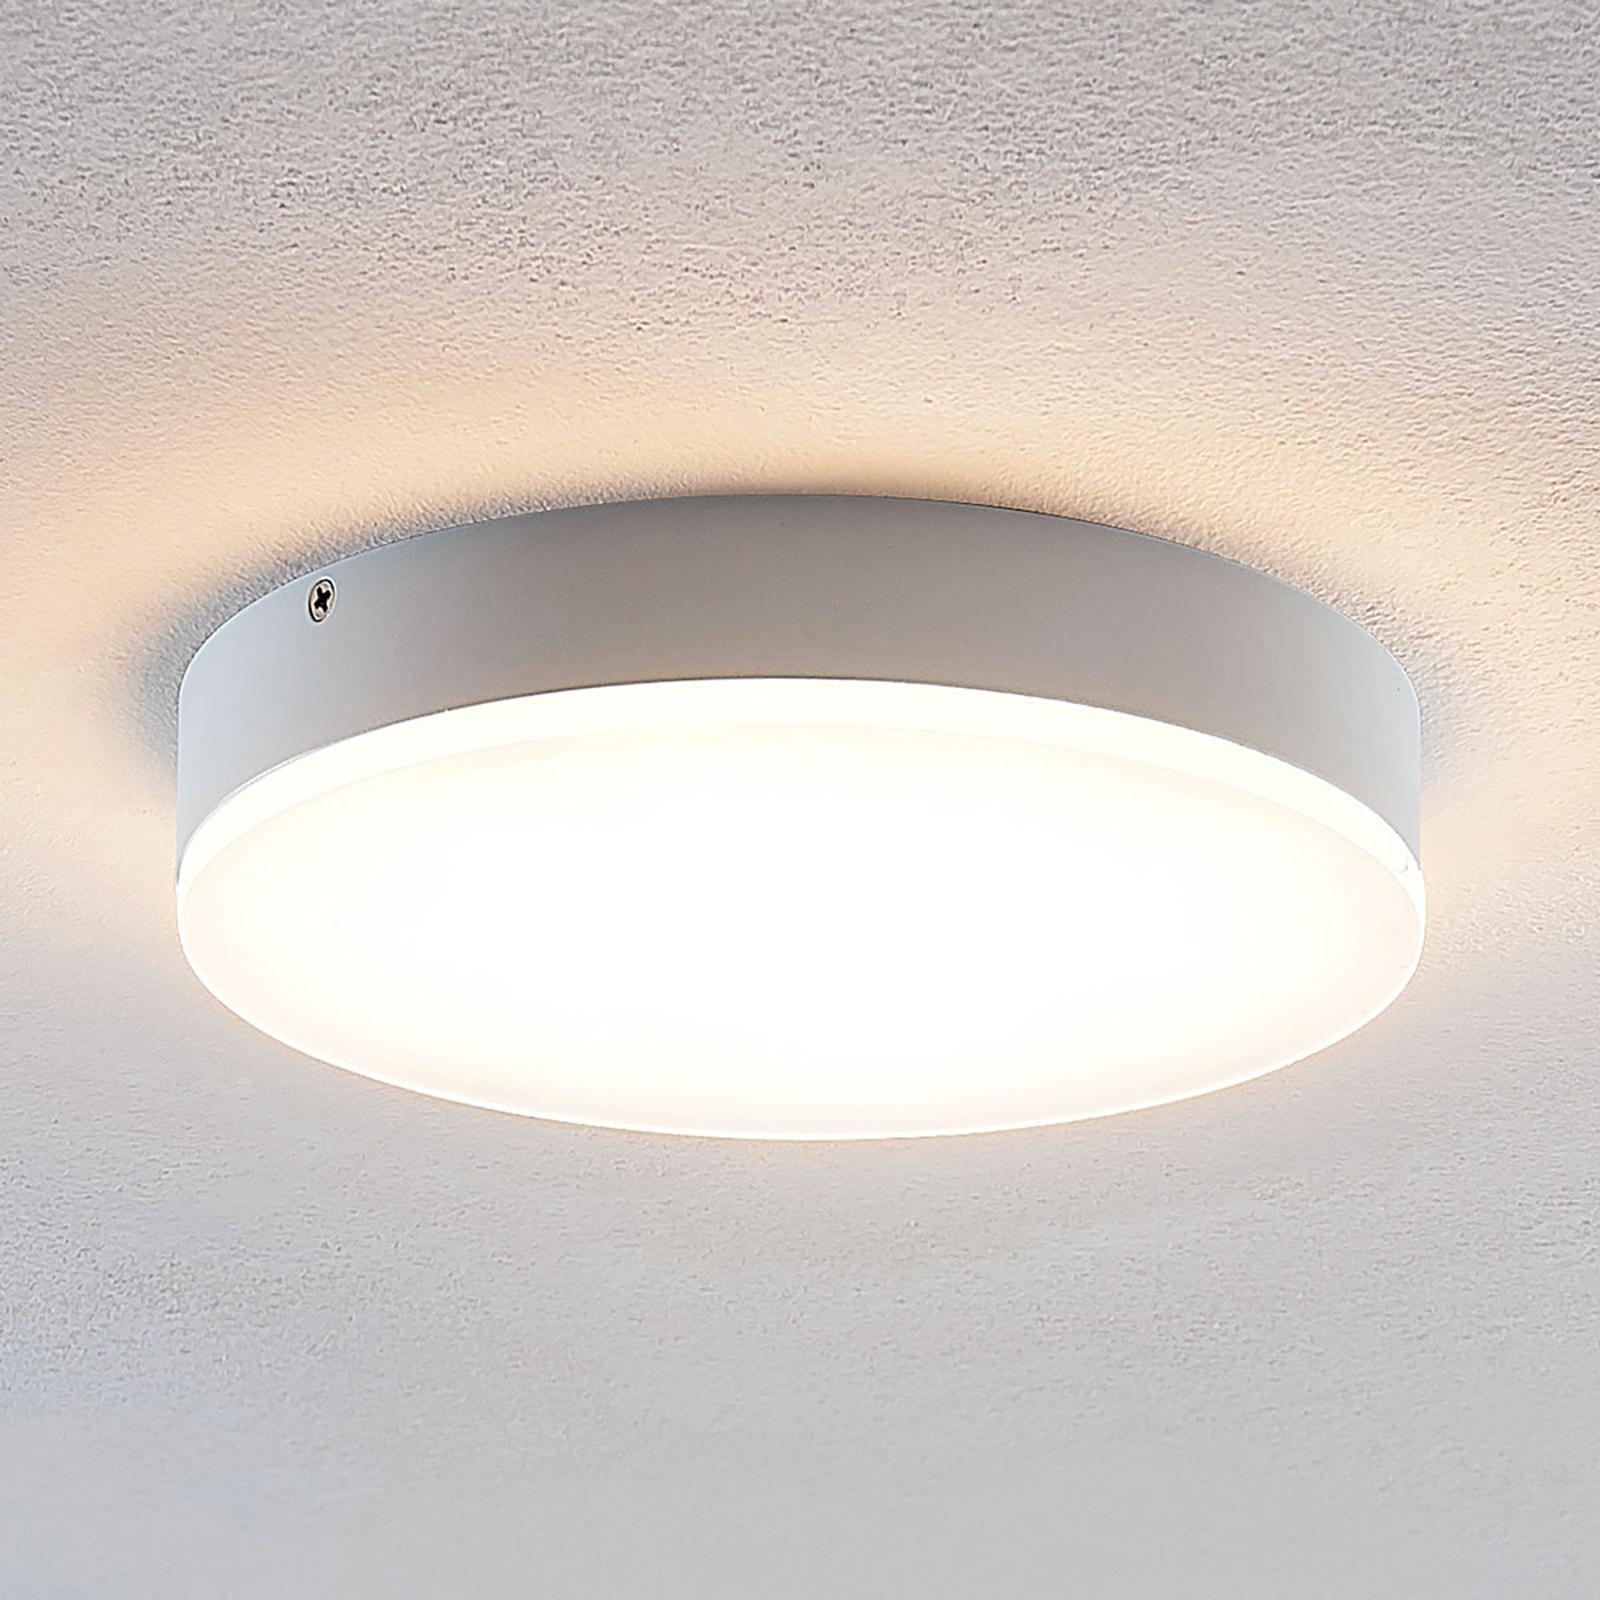 Lindby Leonta LED stropní světlo, bílá, Ø 20 cm